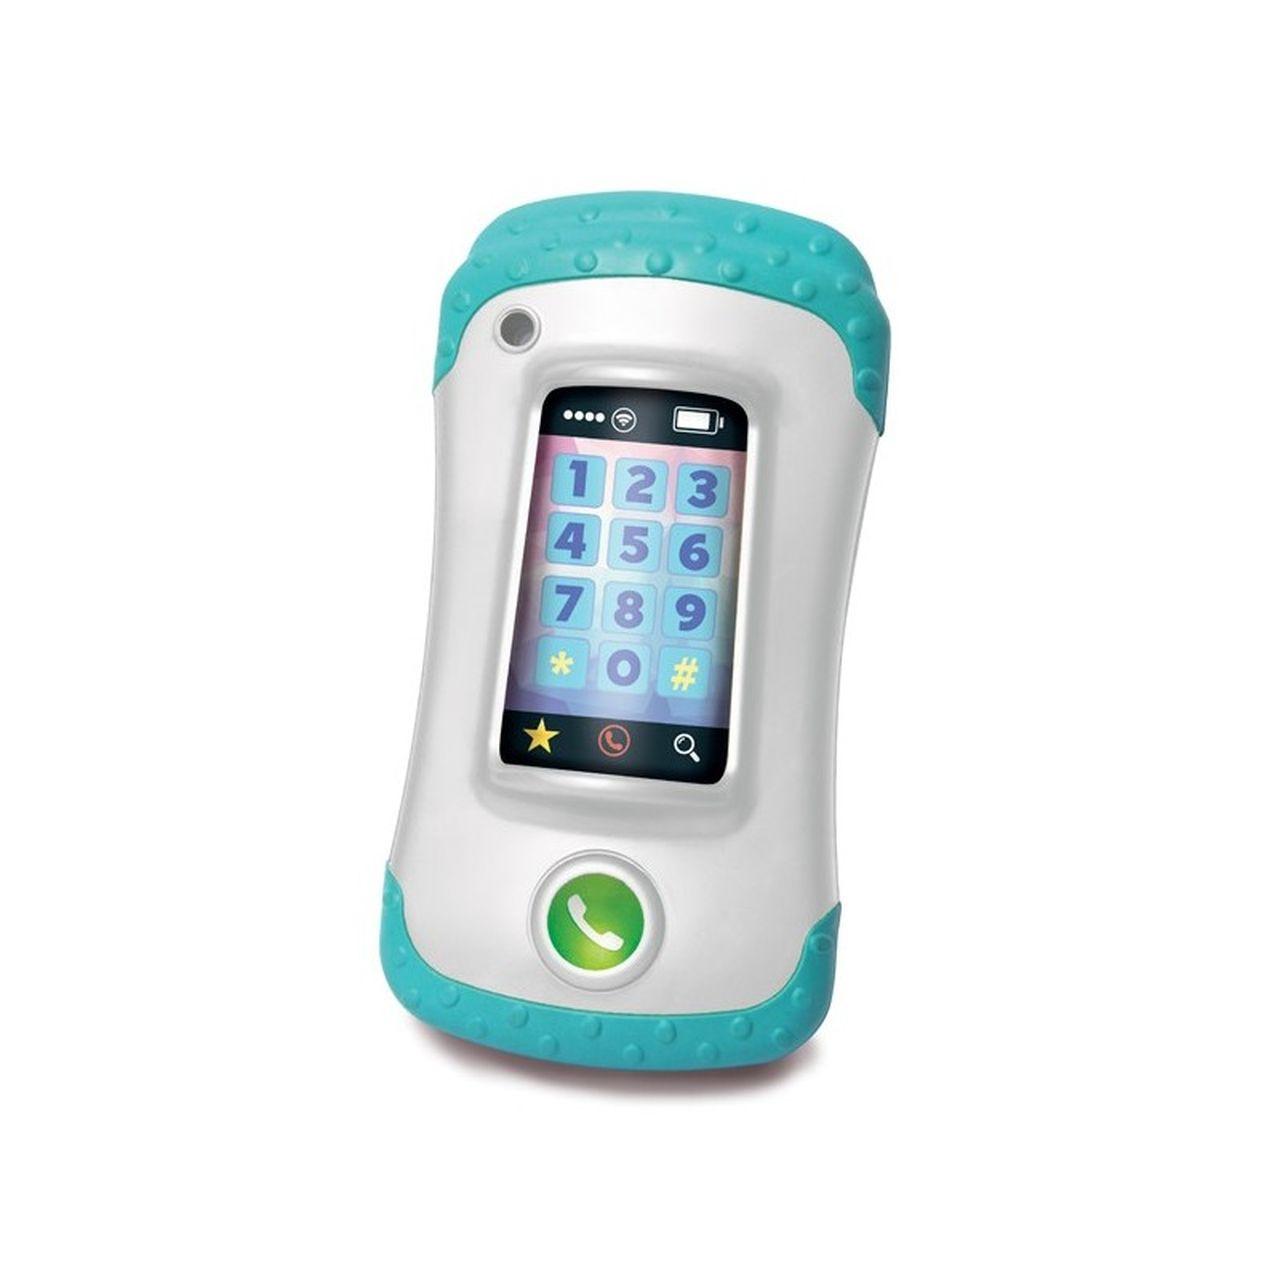 Celular Infantil Smartphone Sonoro - Elka 967